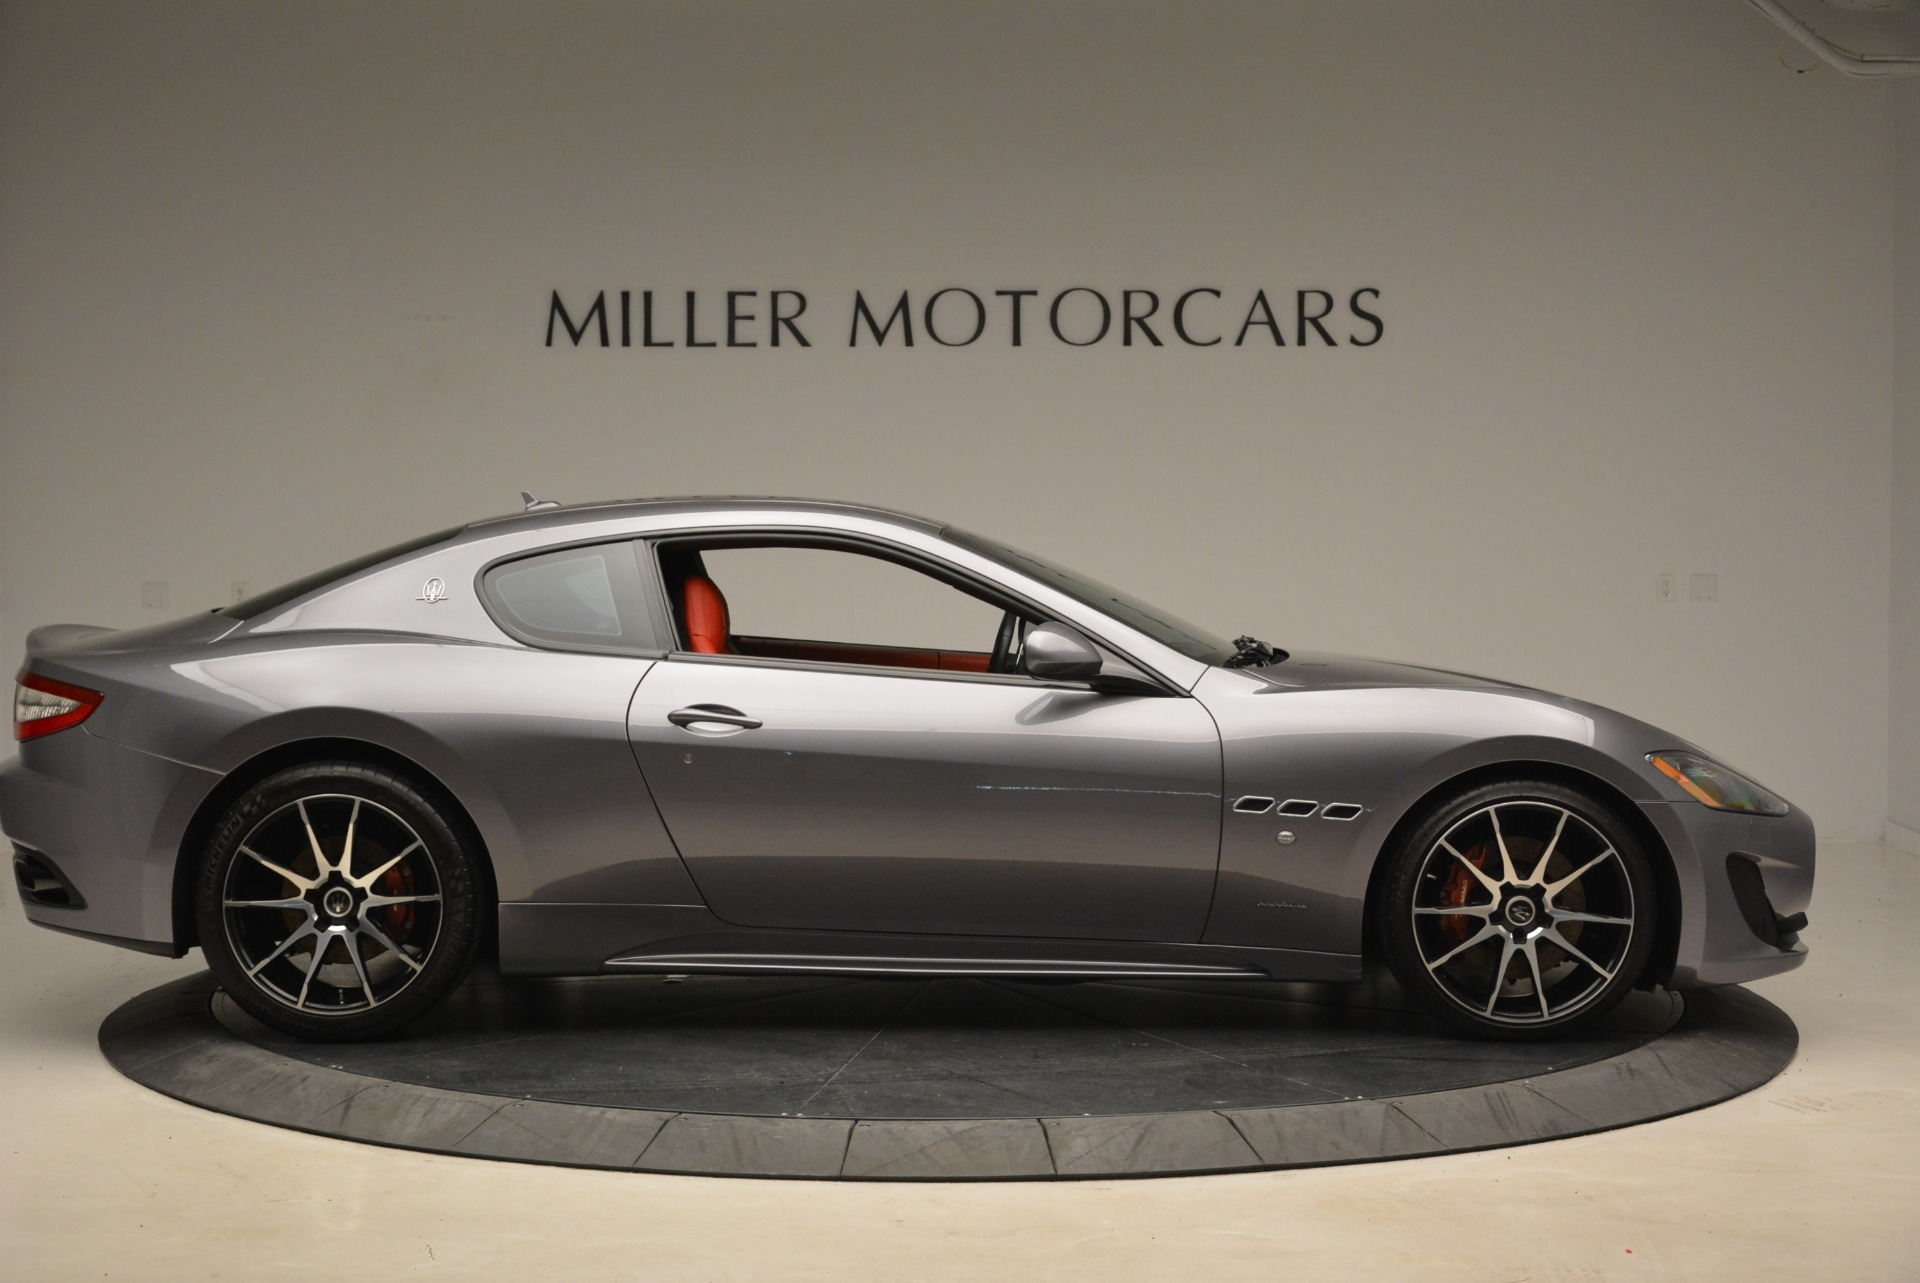 Used 2014 Maserati GranTurismo Sport For Sale In Greenwich, CT 2131_p7